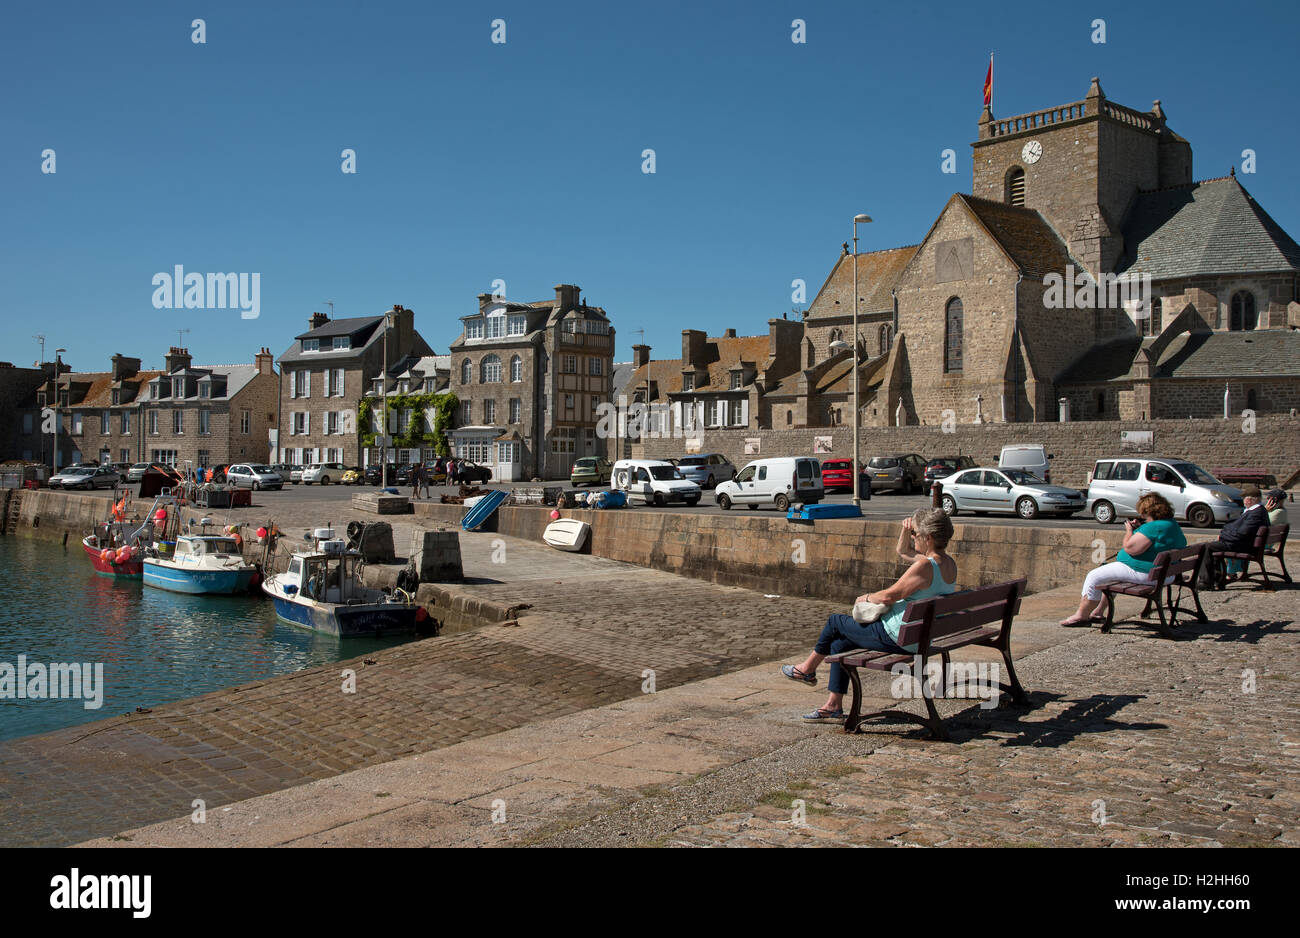 La commune de Barfleur en Normandie au nord-ouest de la France. Banque D'Images